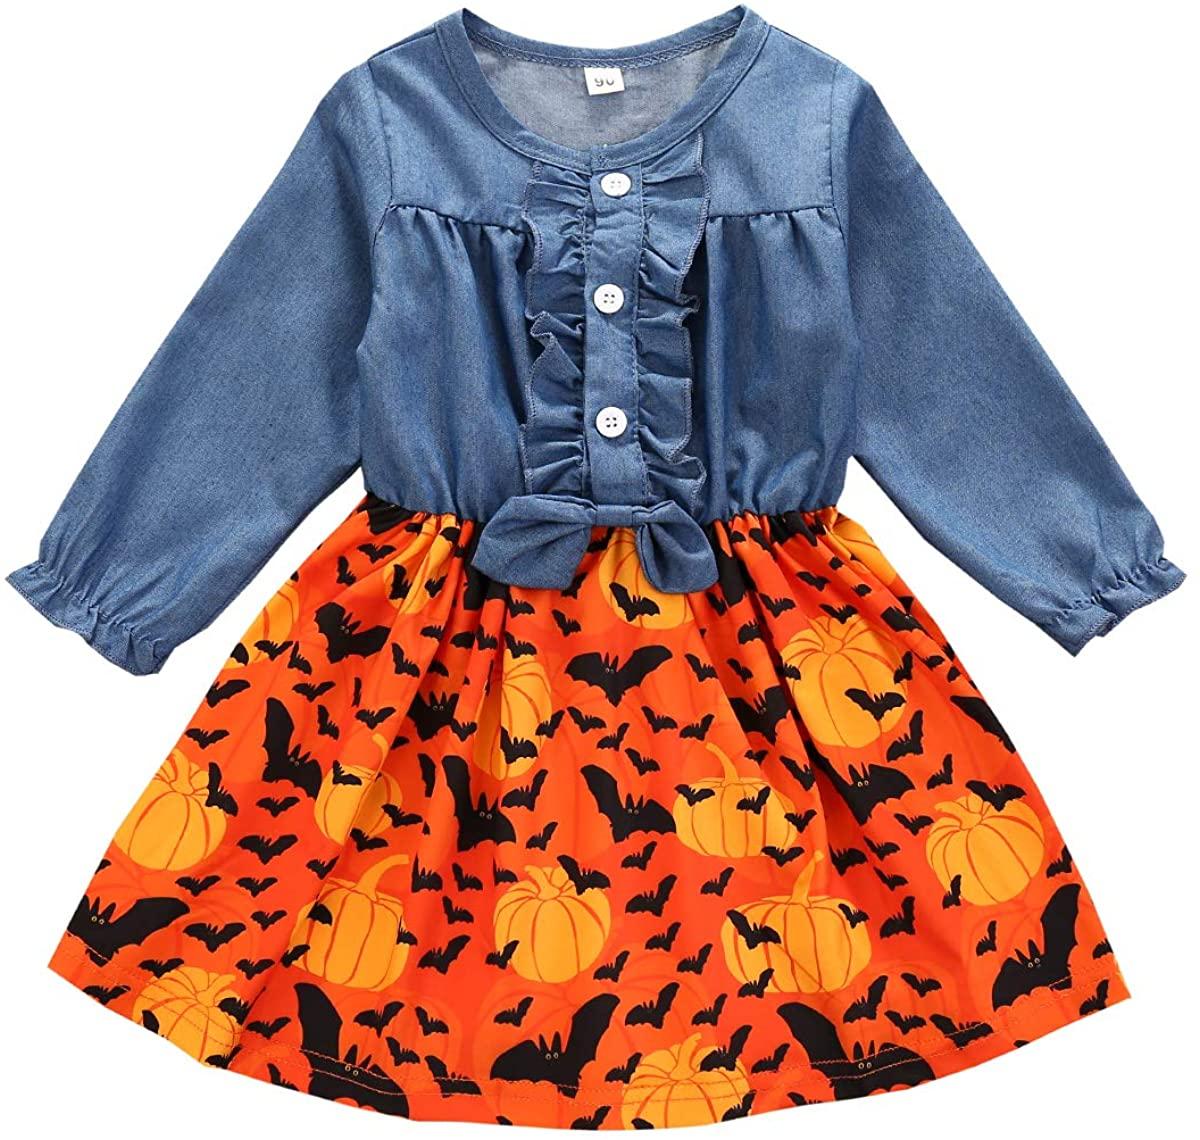 Infant Toddler Baby Girls Halloween Dress Denim Pumpkin Ruffle Dresses Bowknot Long Sleeve Fall Halloween Clothes